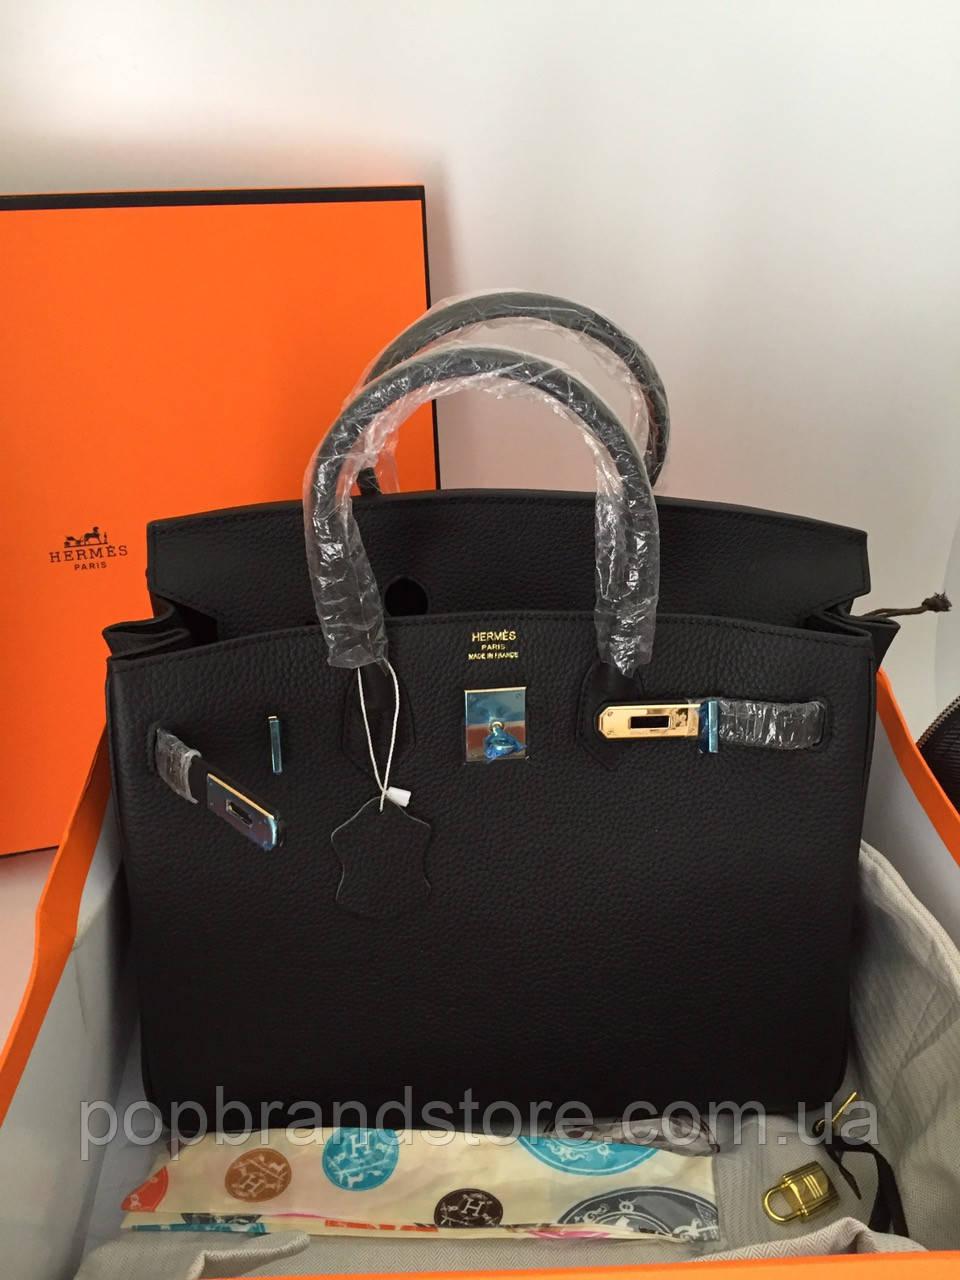 88e9b5a180e6 Женская сумка Hermes Birkin 35 см натуральная кожа - Pop Brand Store |  брендовые сумки,